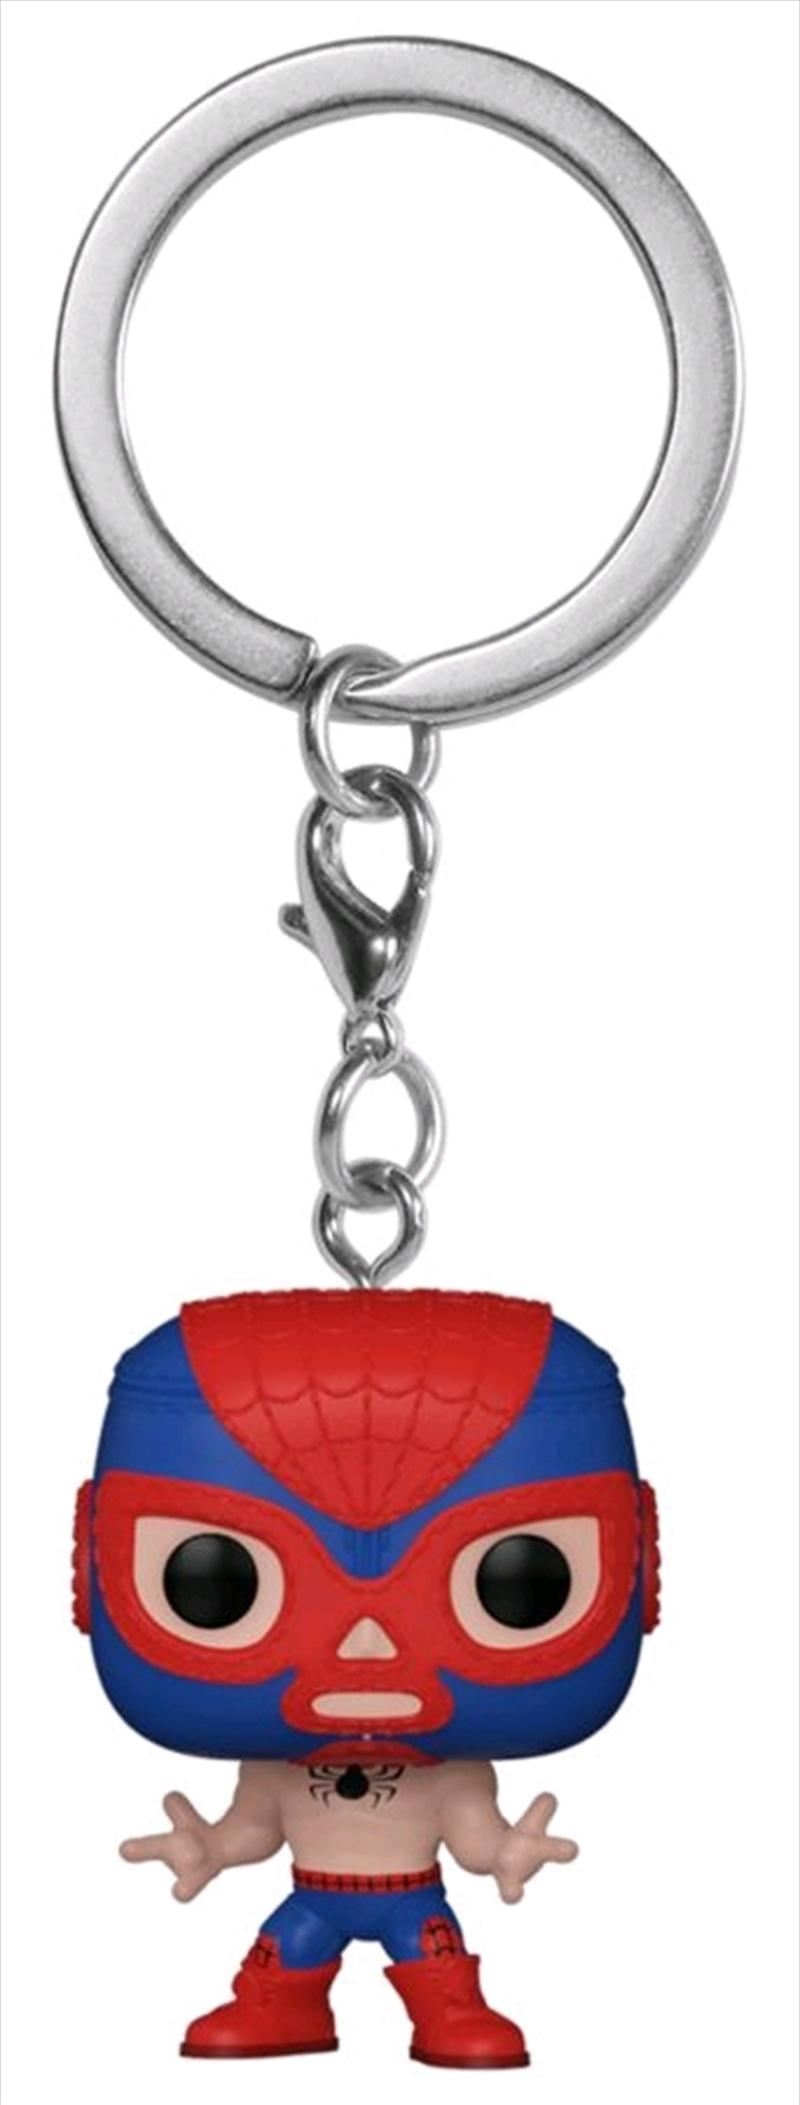 Spider-Man - Luchadore Spider-Man Pocket Pop! Keychain | Pop Vinyl